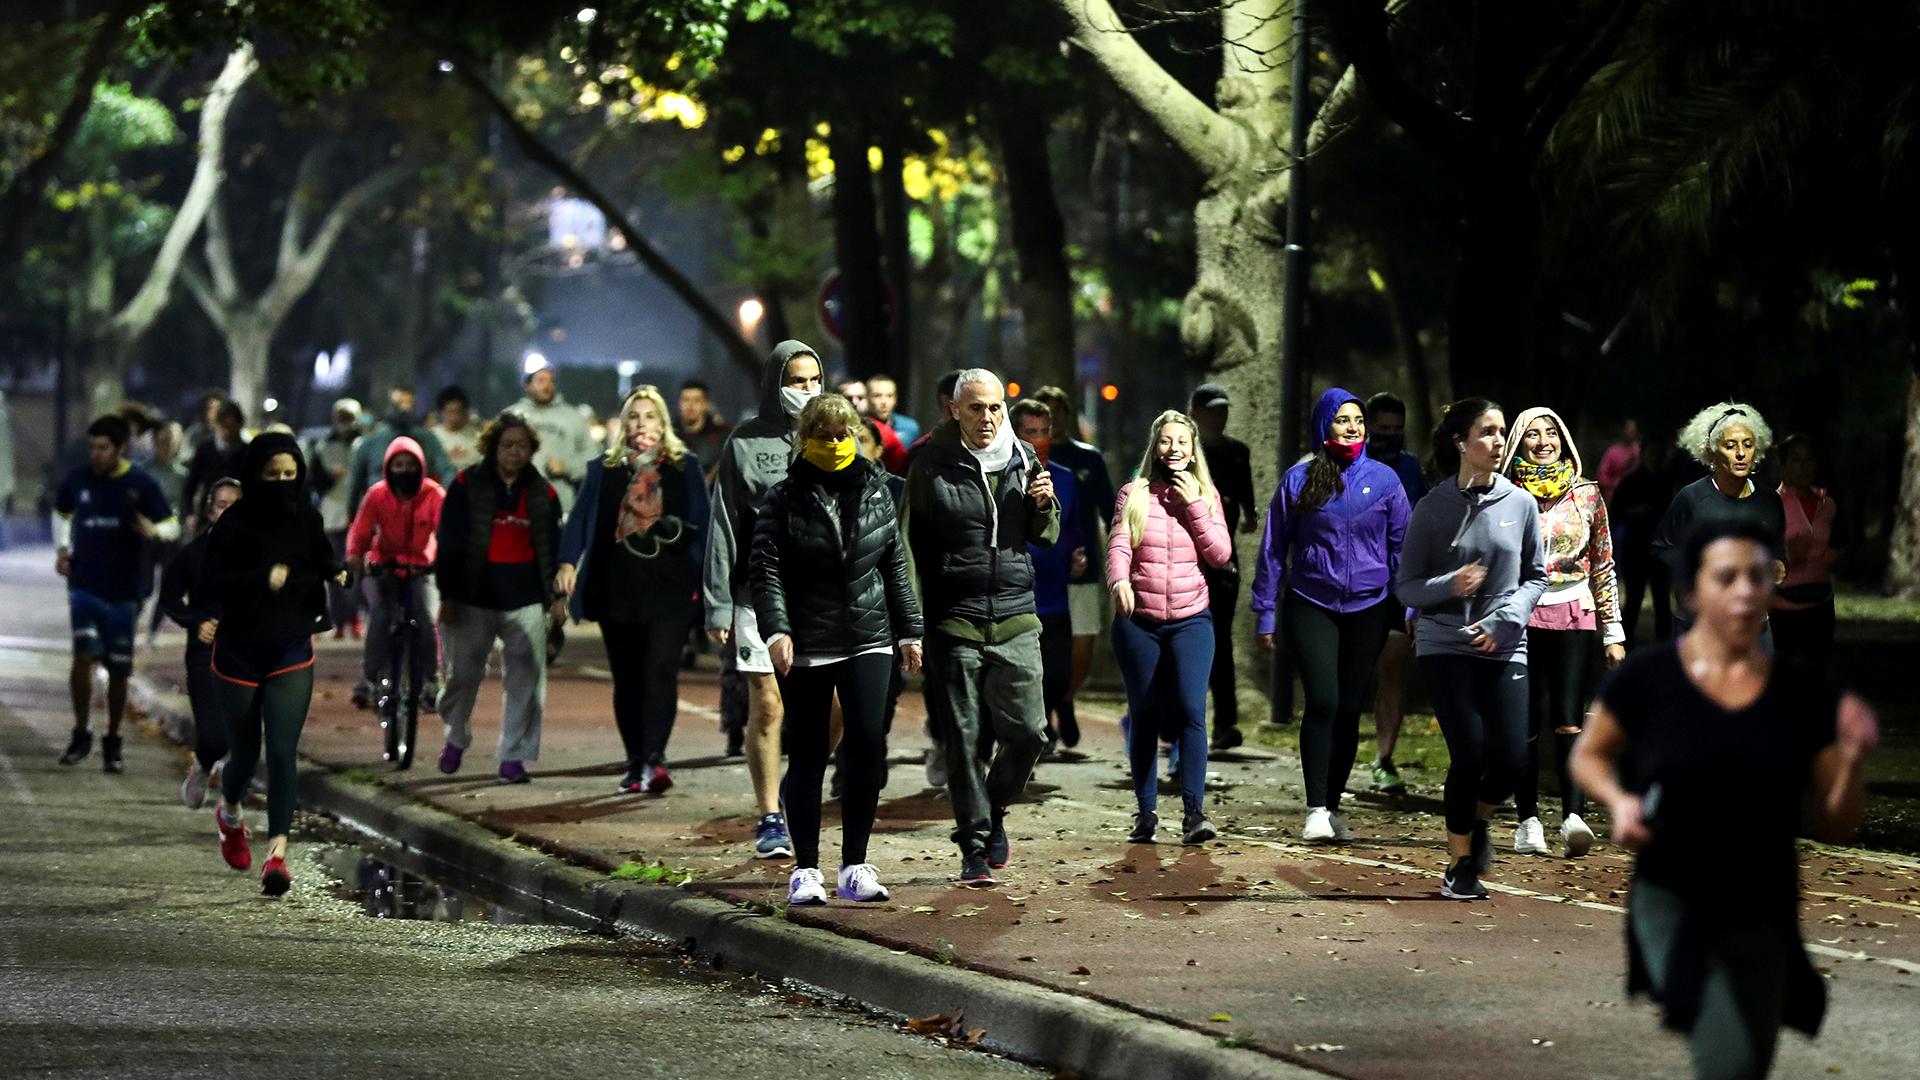 El lunes 8 de junio a las 20 horas empezó a regir la habilitación para salir a hacer actividad física en la Ciudad de Buenos Aires. Miles de porteños salieron a correr, caminar, y andar en bicicleta por parques y plazas, en muchos casos sin respetar la distancia requerida para evitar contagios de COVID-19. En el gobierno de Horacio Rodríguez Larreta hubo un alerta y se advirtió que si crecían los casos de coronavirus se daría marcha atrás con la medida